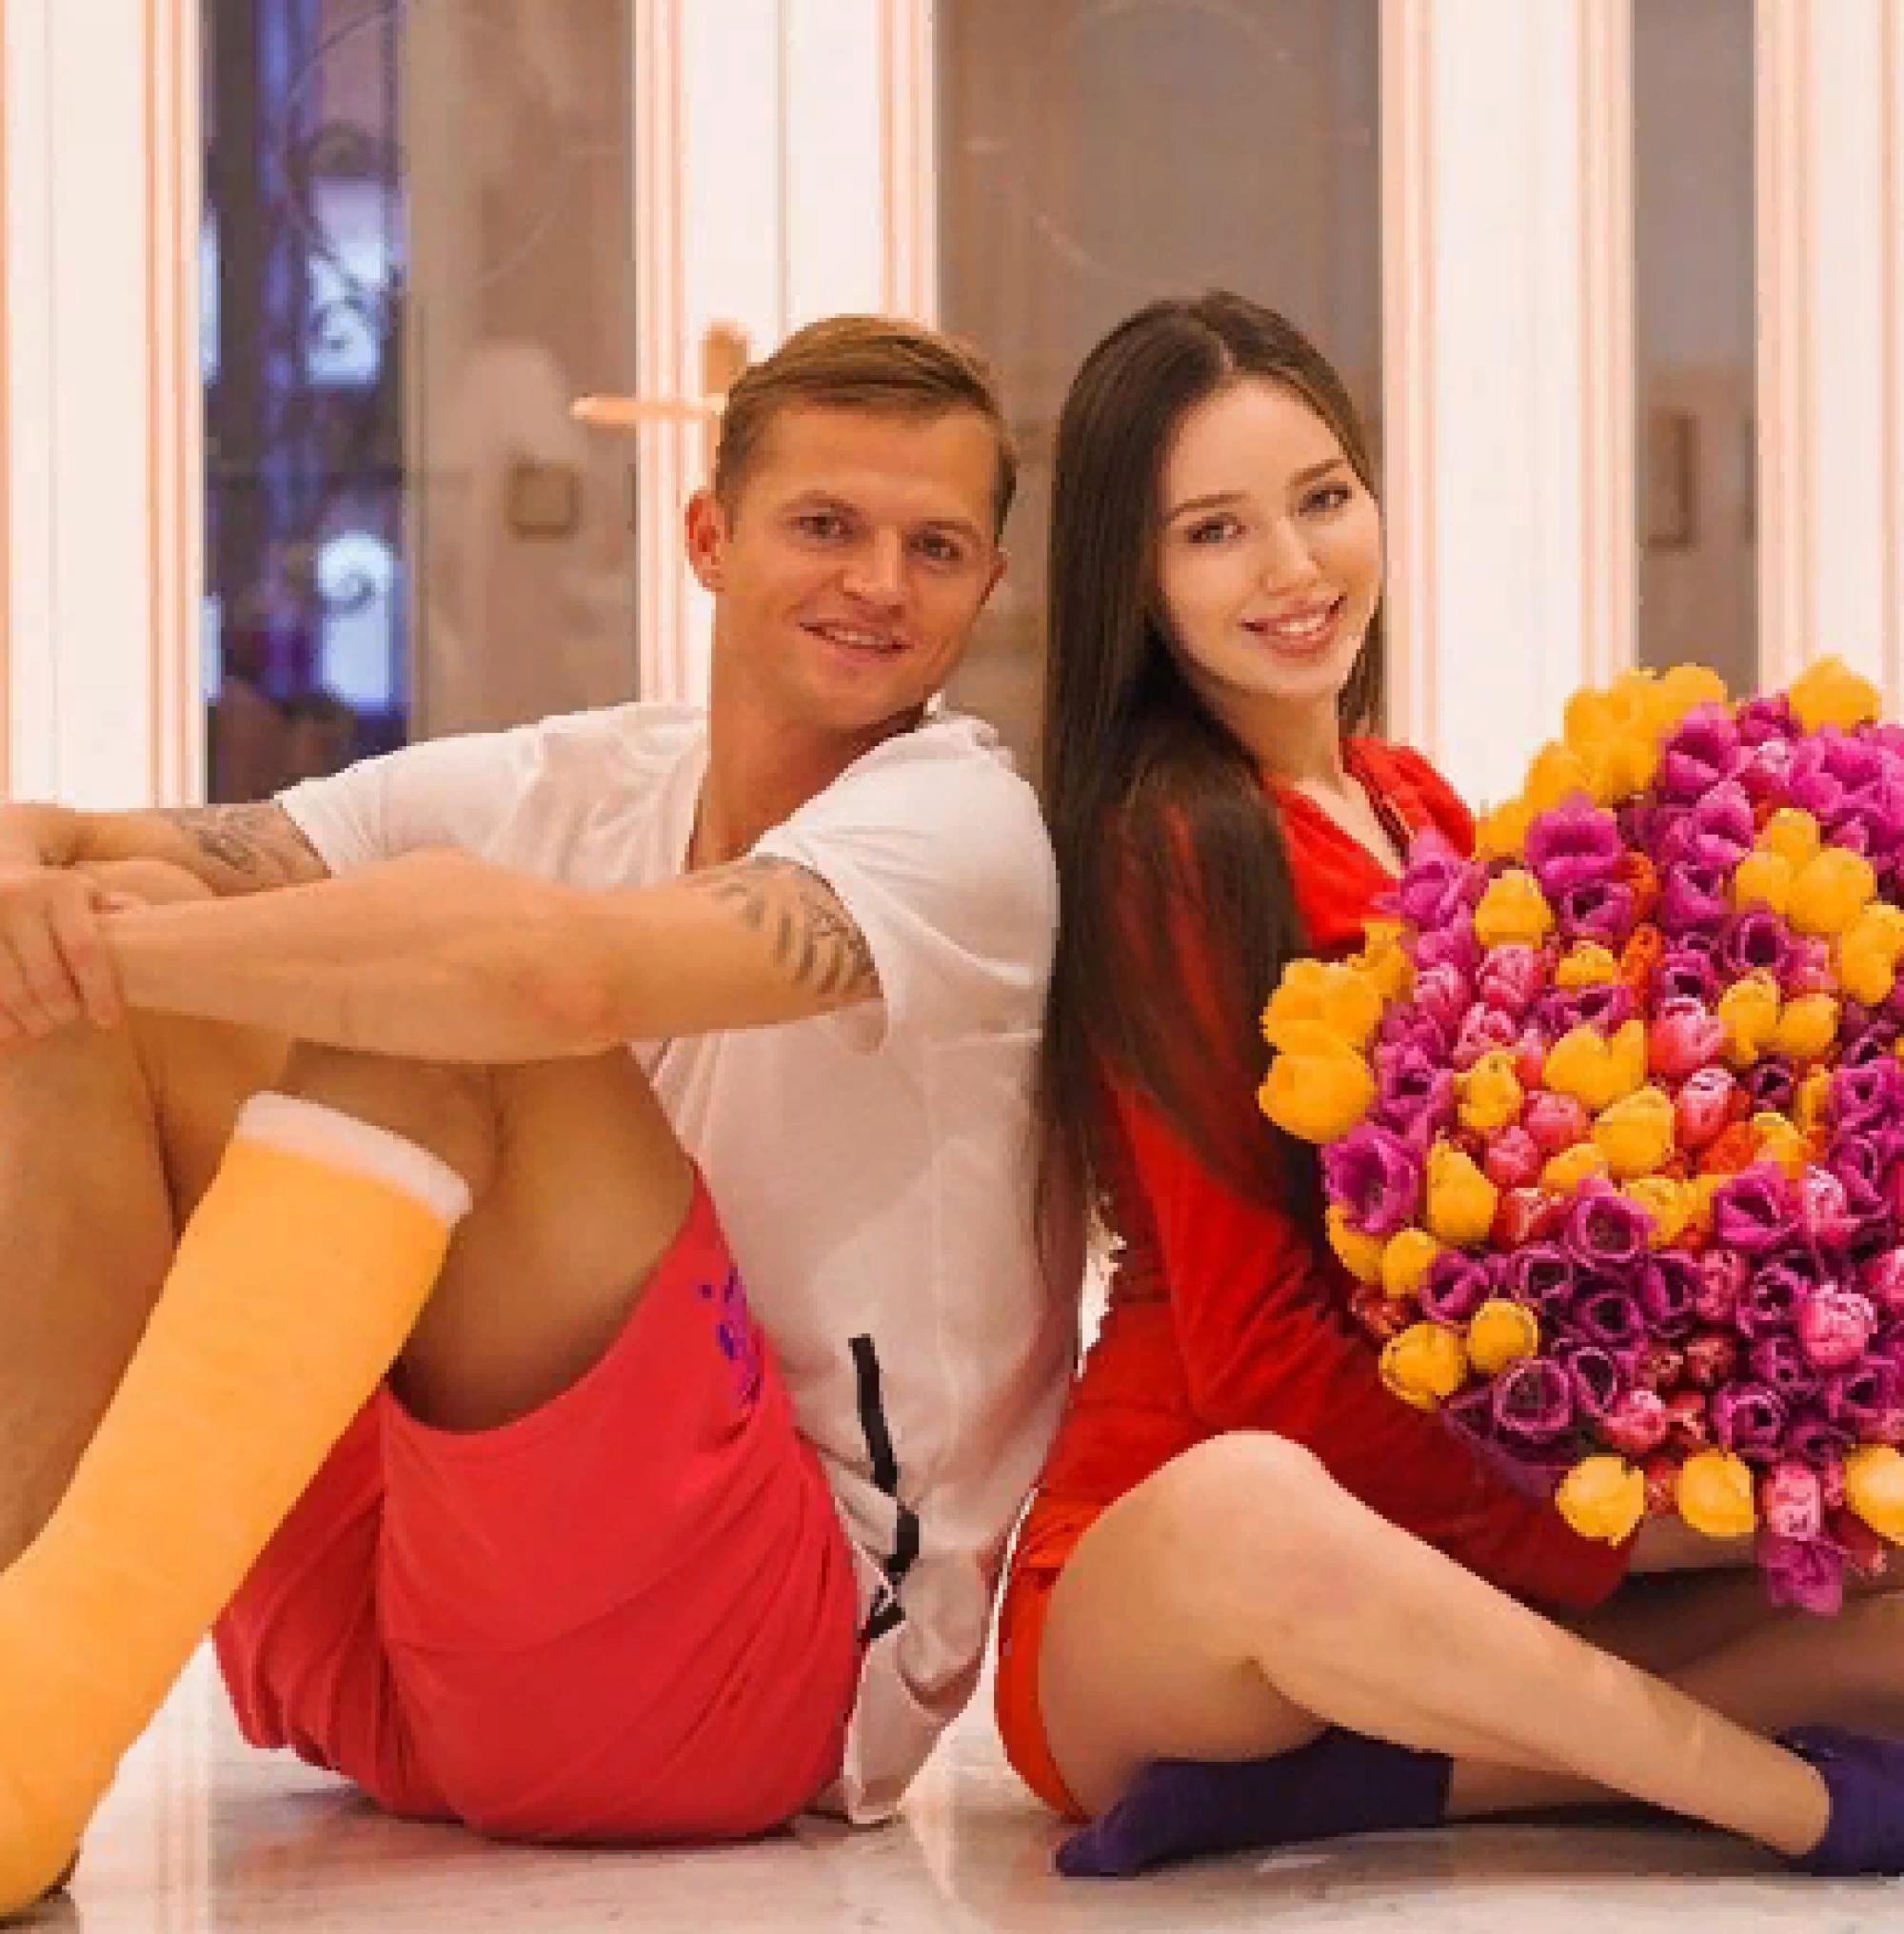 «Смотри, чтобы не отобрал»: Дмитрий Тарасов порадовал супругу дорогим подарком